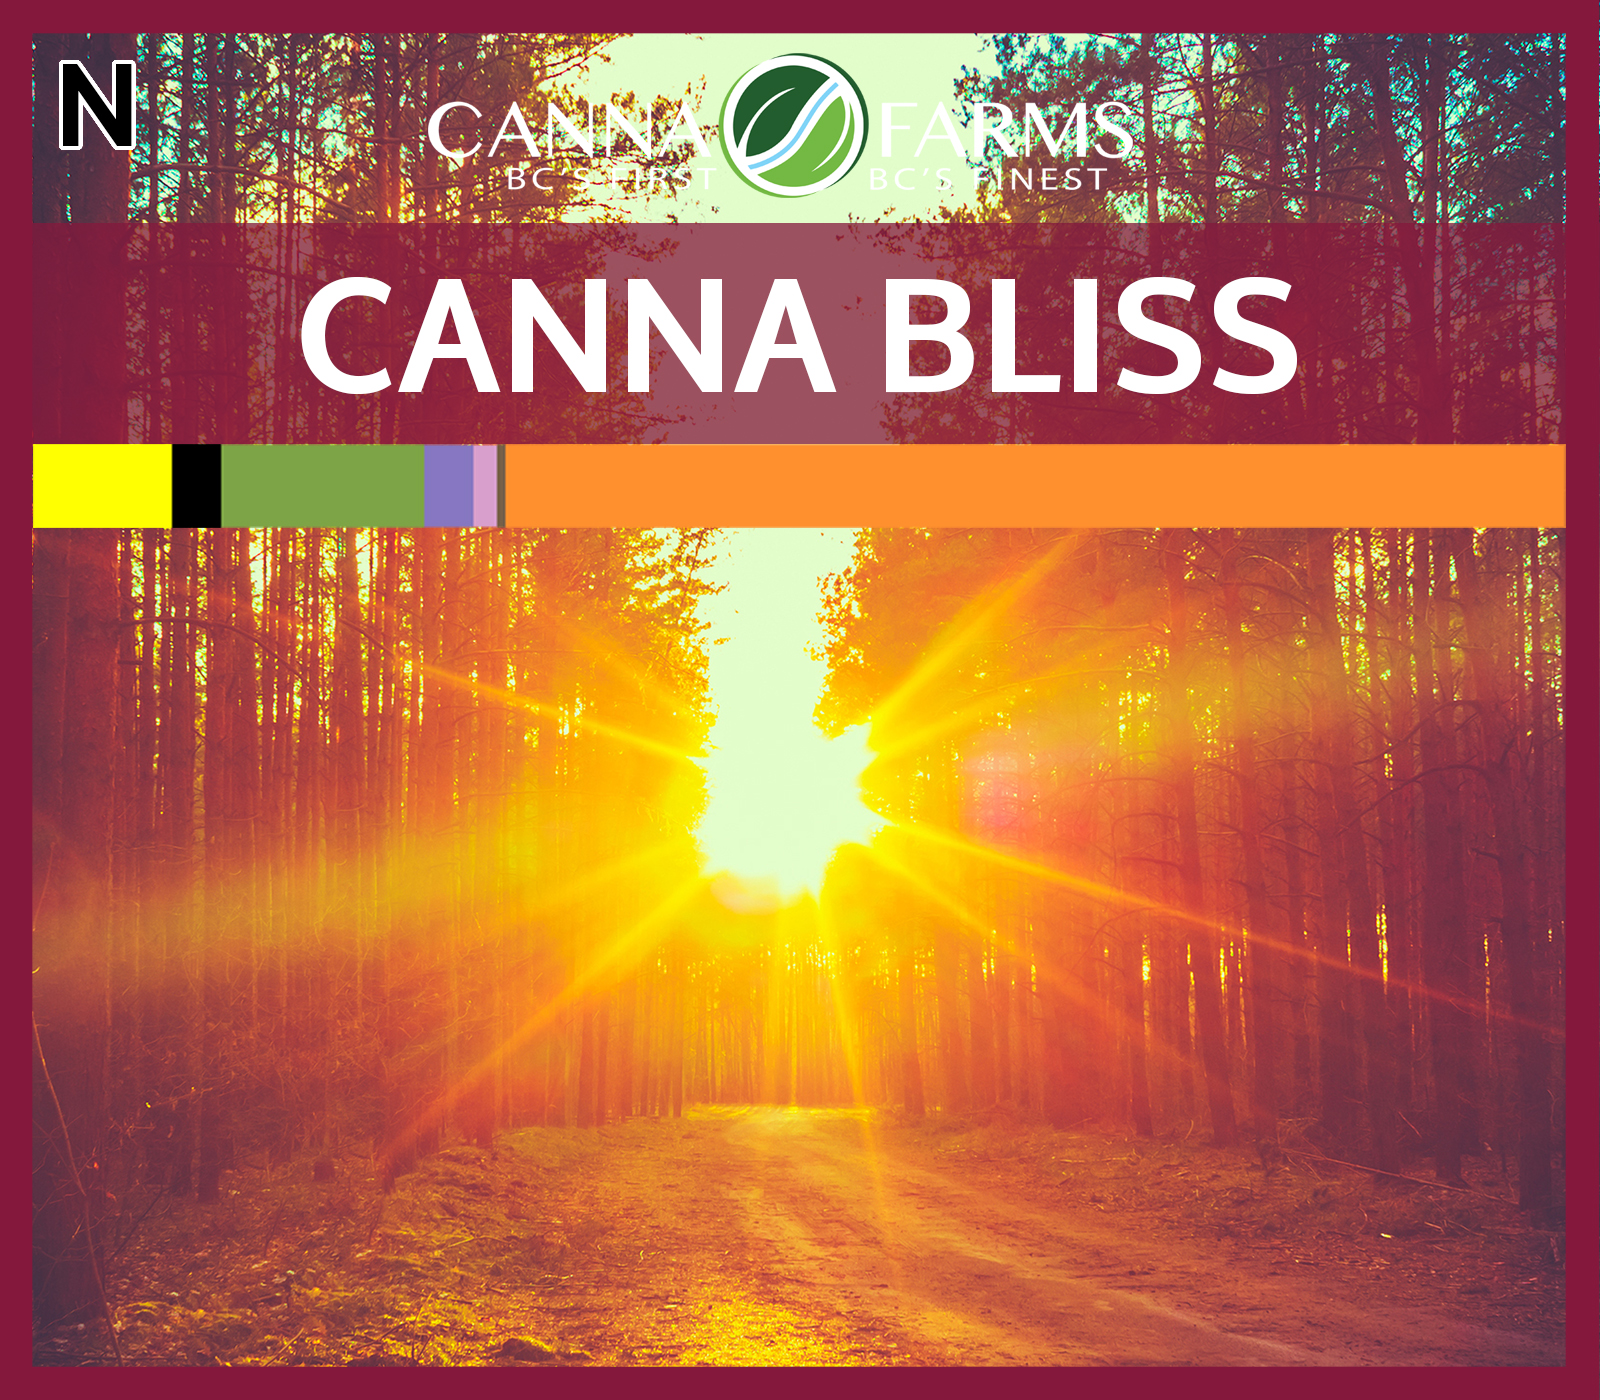 CF-CANNA BLISS.jpg